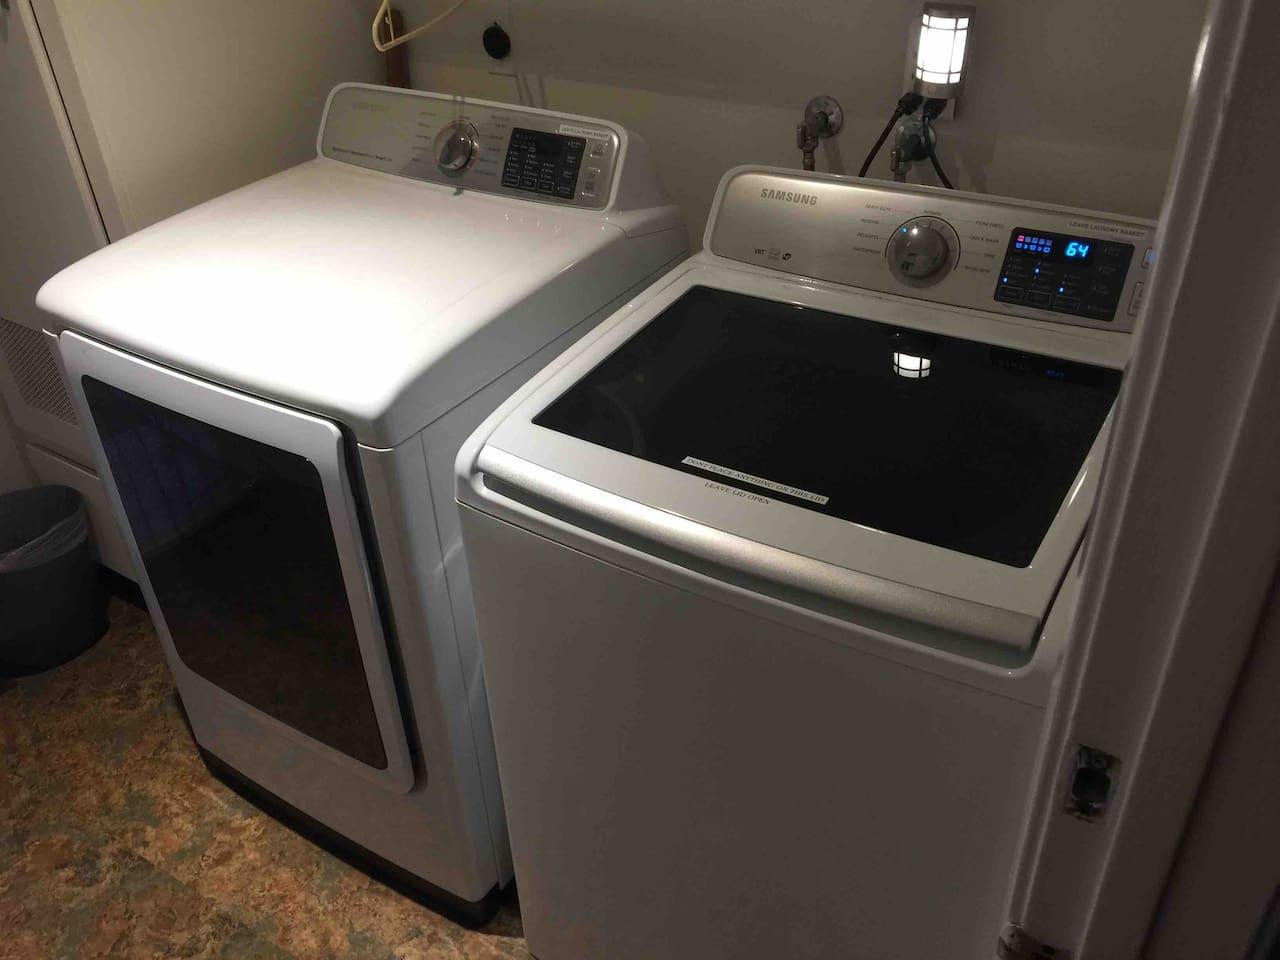 New washing machine and dryer